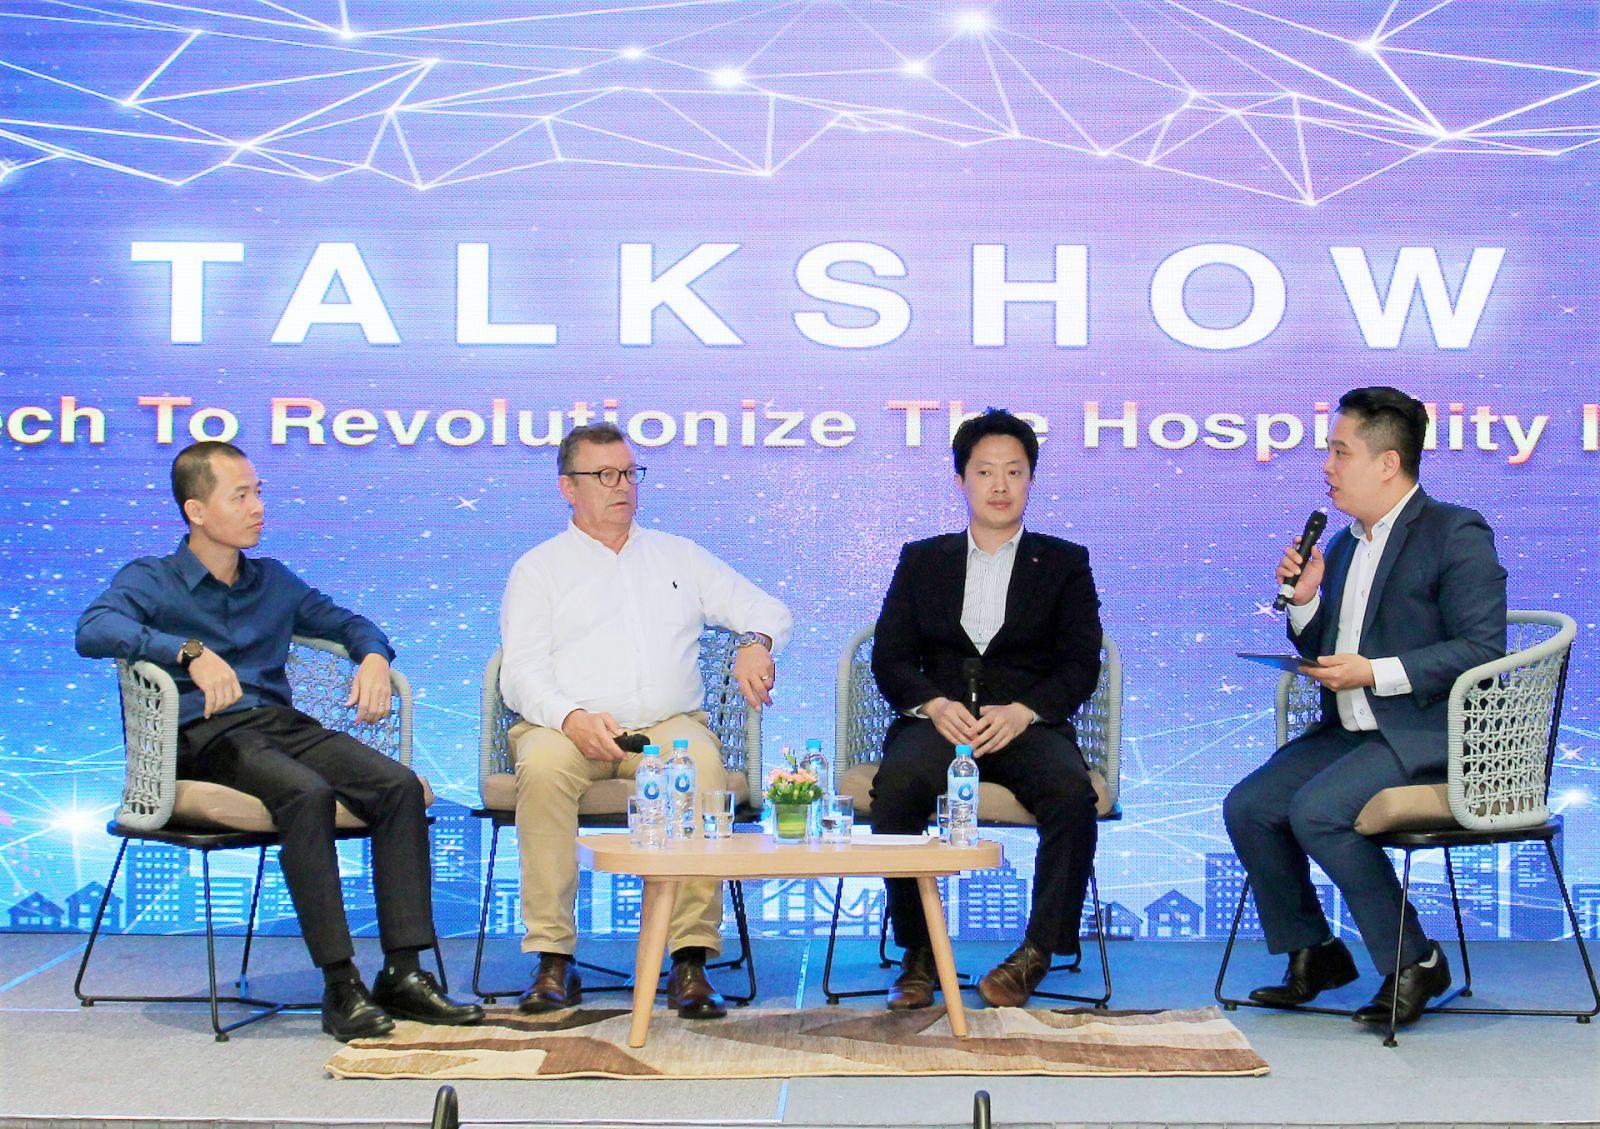 Các chuyên gia chia sẻ góc nhìn chuyên môn về những tác động của công nghệ đến ngành du lịch nghỉ dưỡng ở Việt Nam.